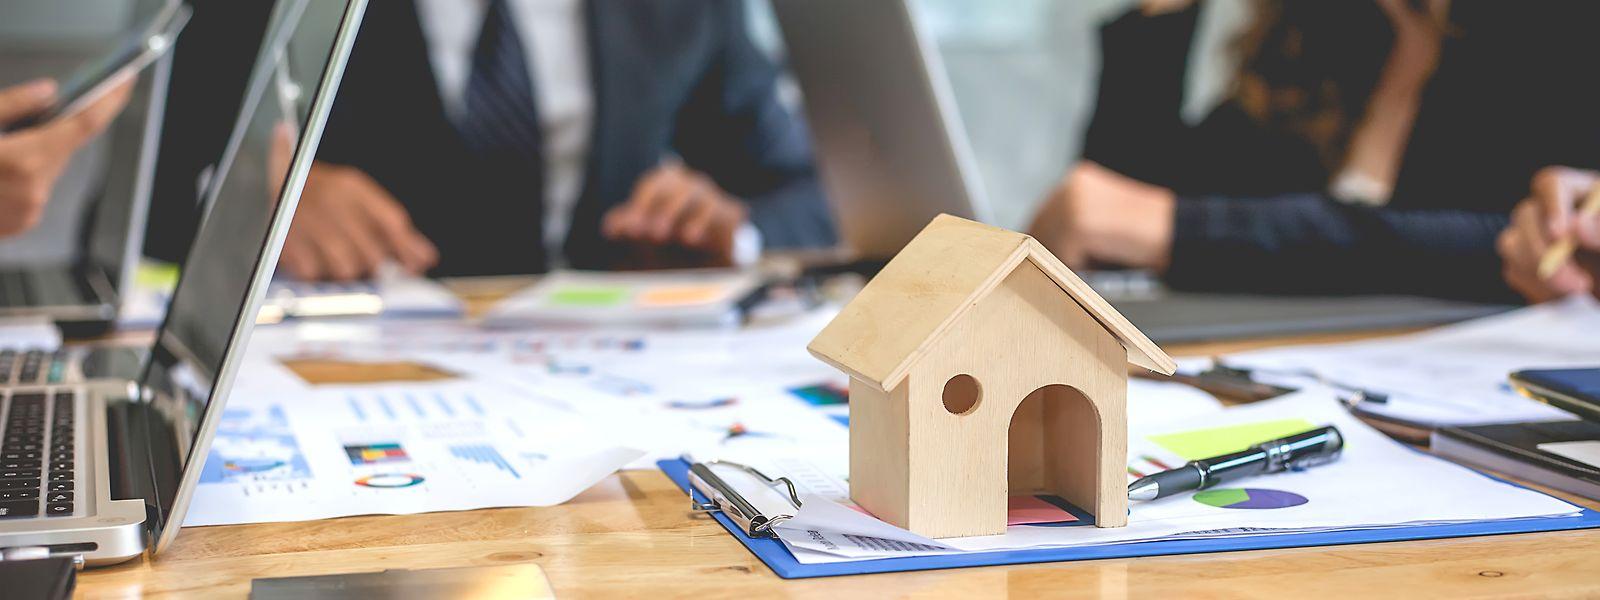 Le coût du logement au Grand-Duché reste un des plus élevés des pays d'Europe.